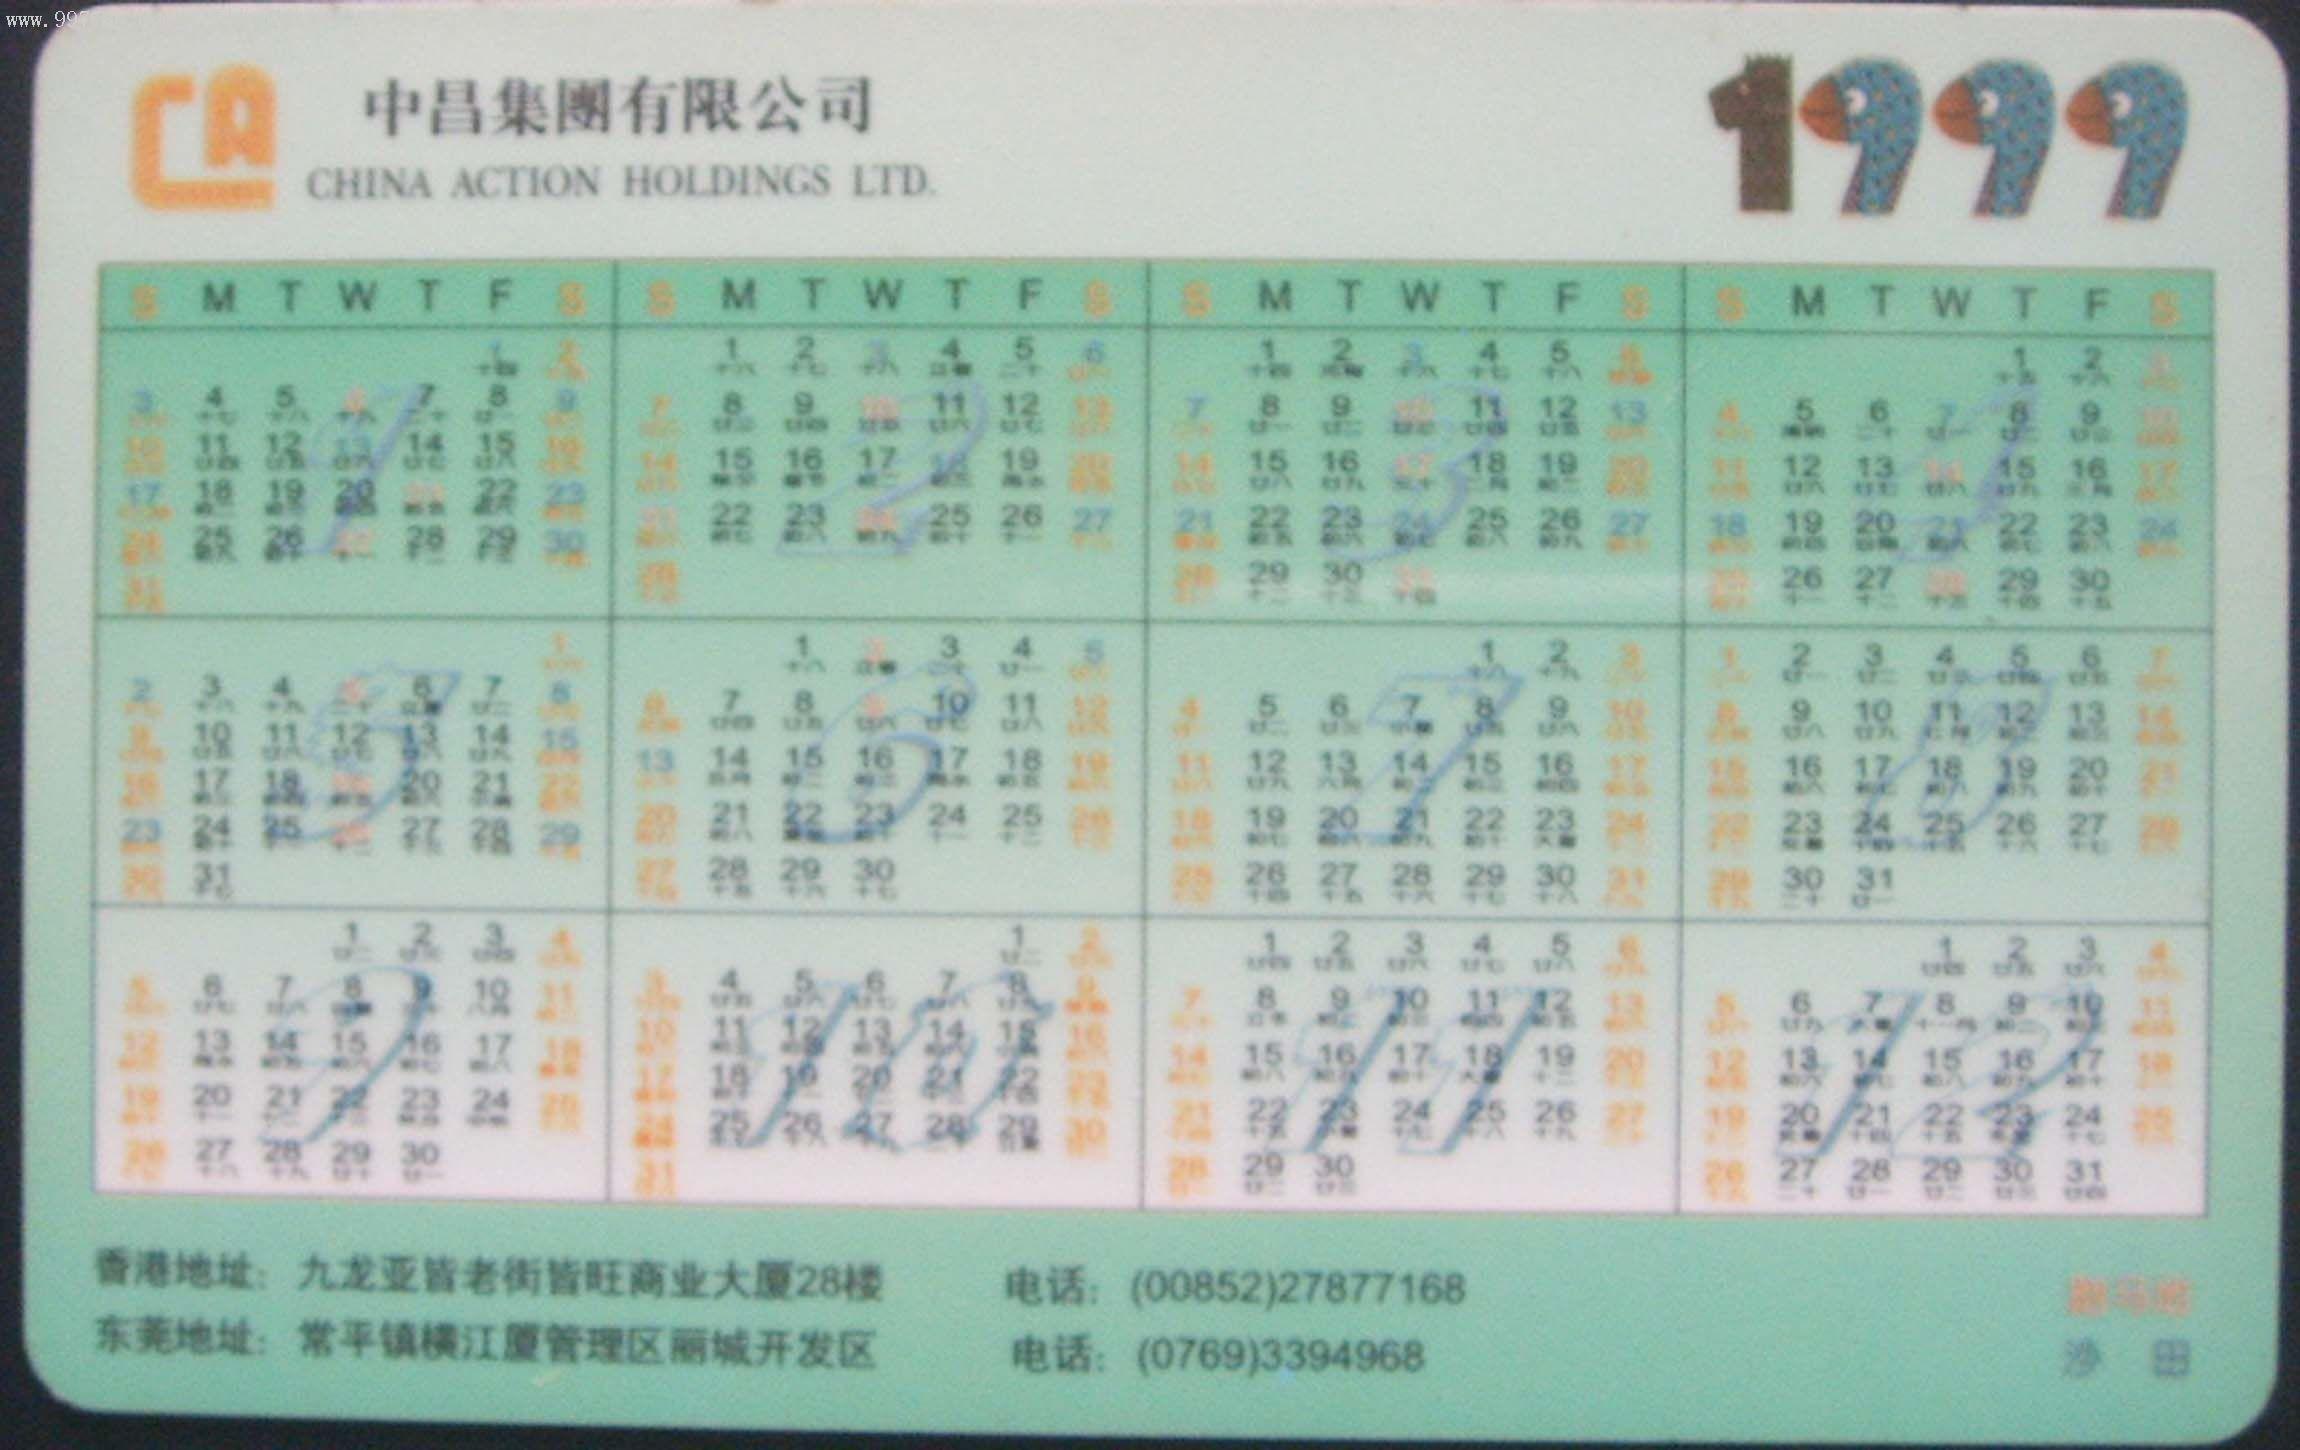 香港中昌集团有限公司1999年年历卡